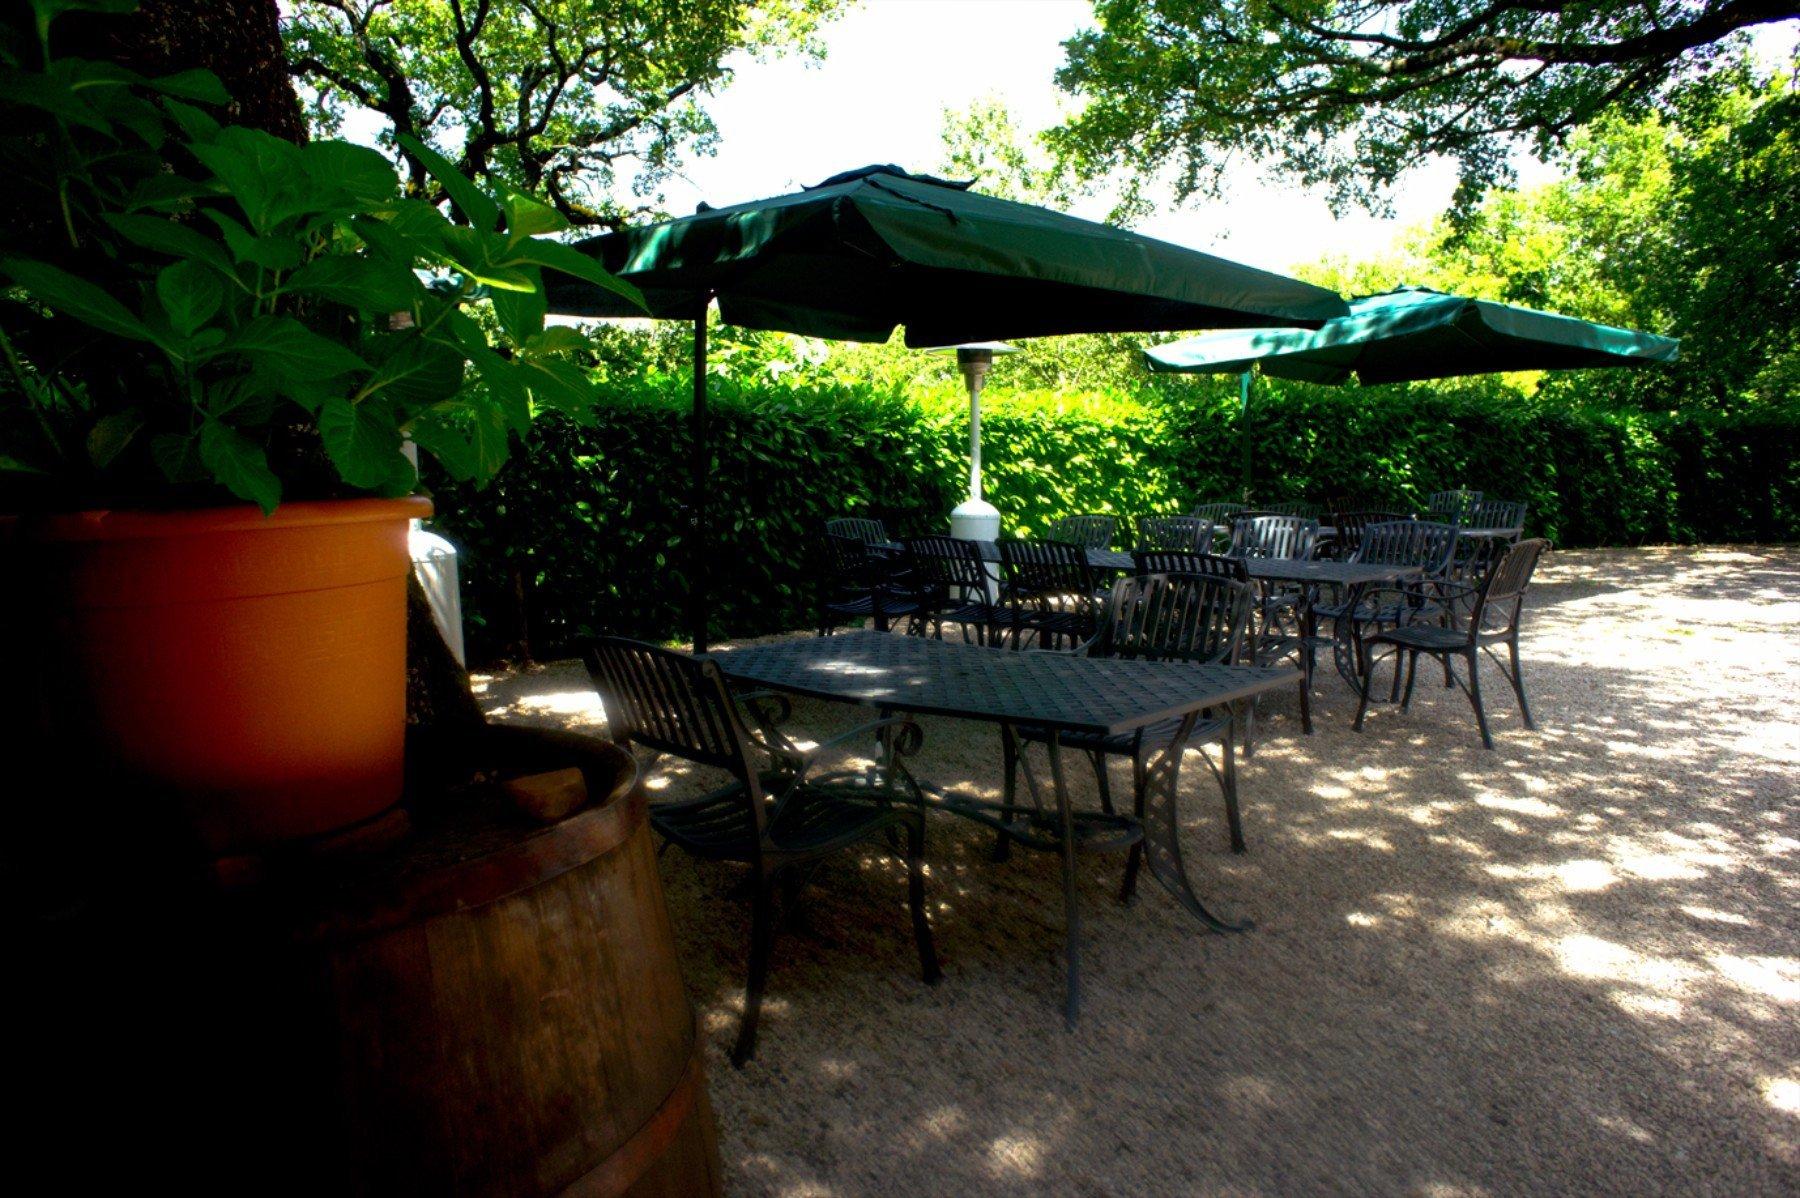 dei tavoli sotto a  degli ombrelloni verdi